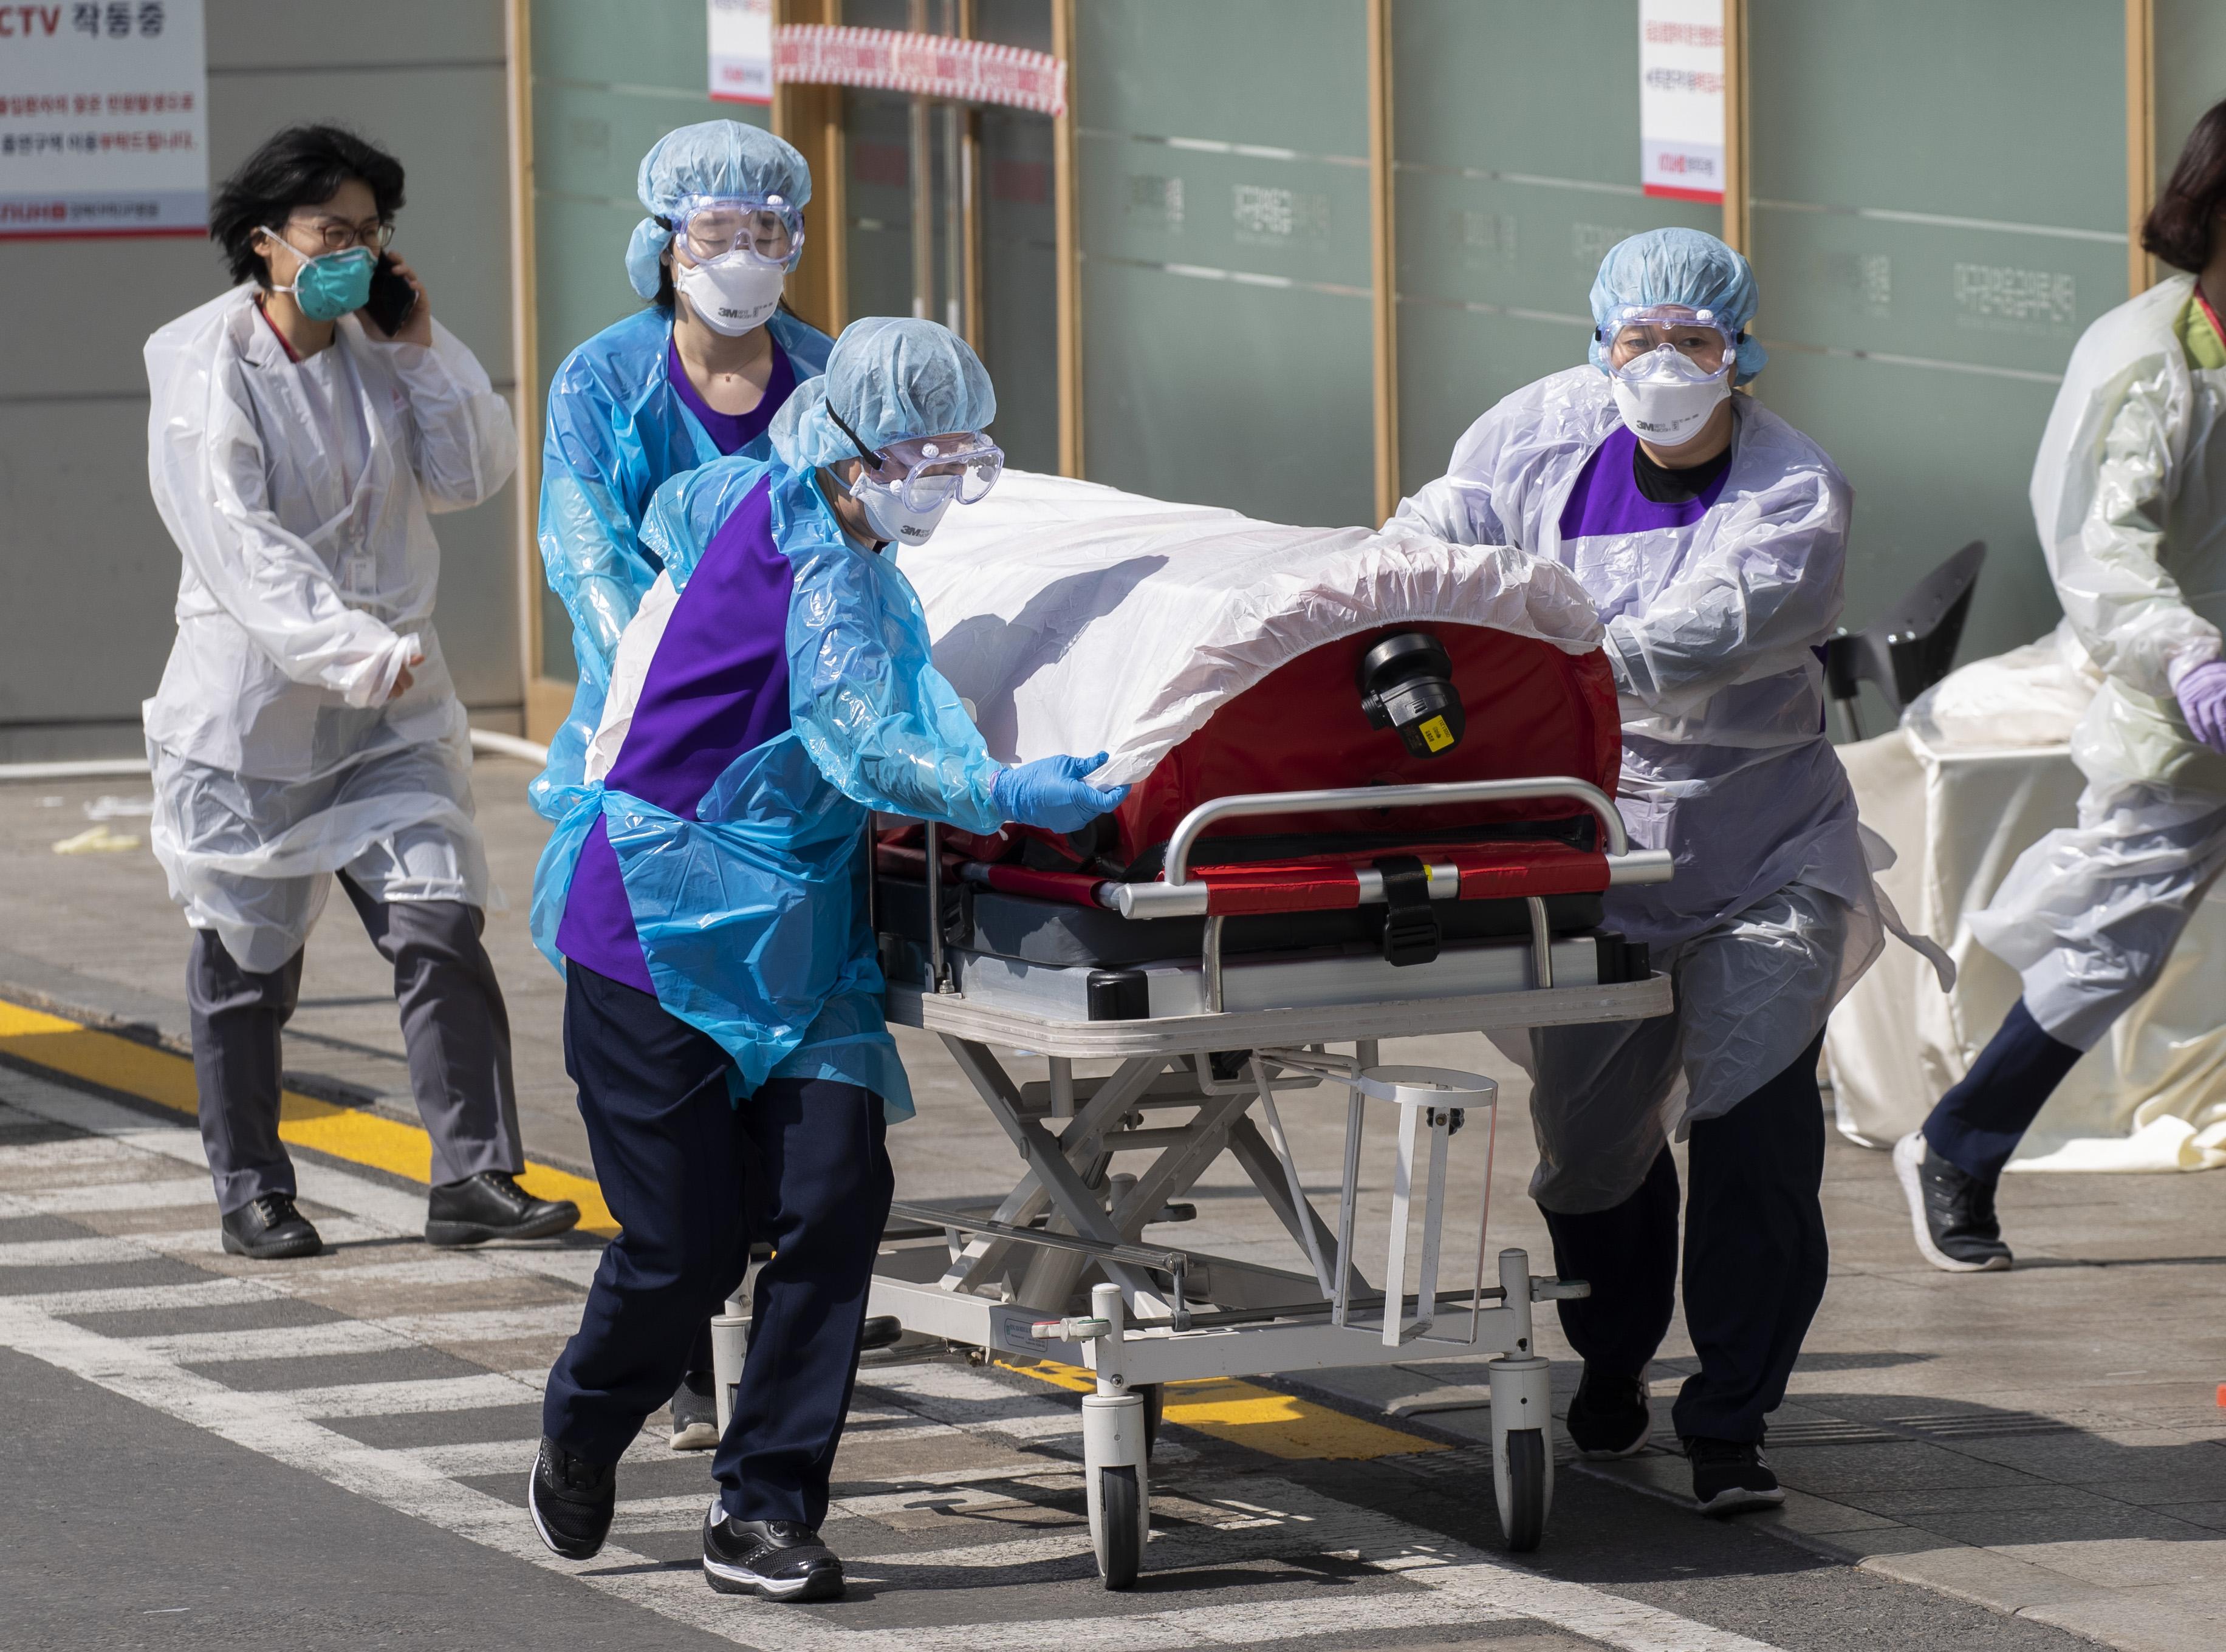 探访韩国大邱集中收治新冠肺炎重症患者的庆北大学医院